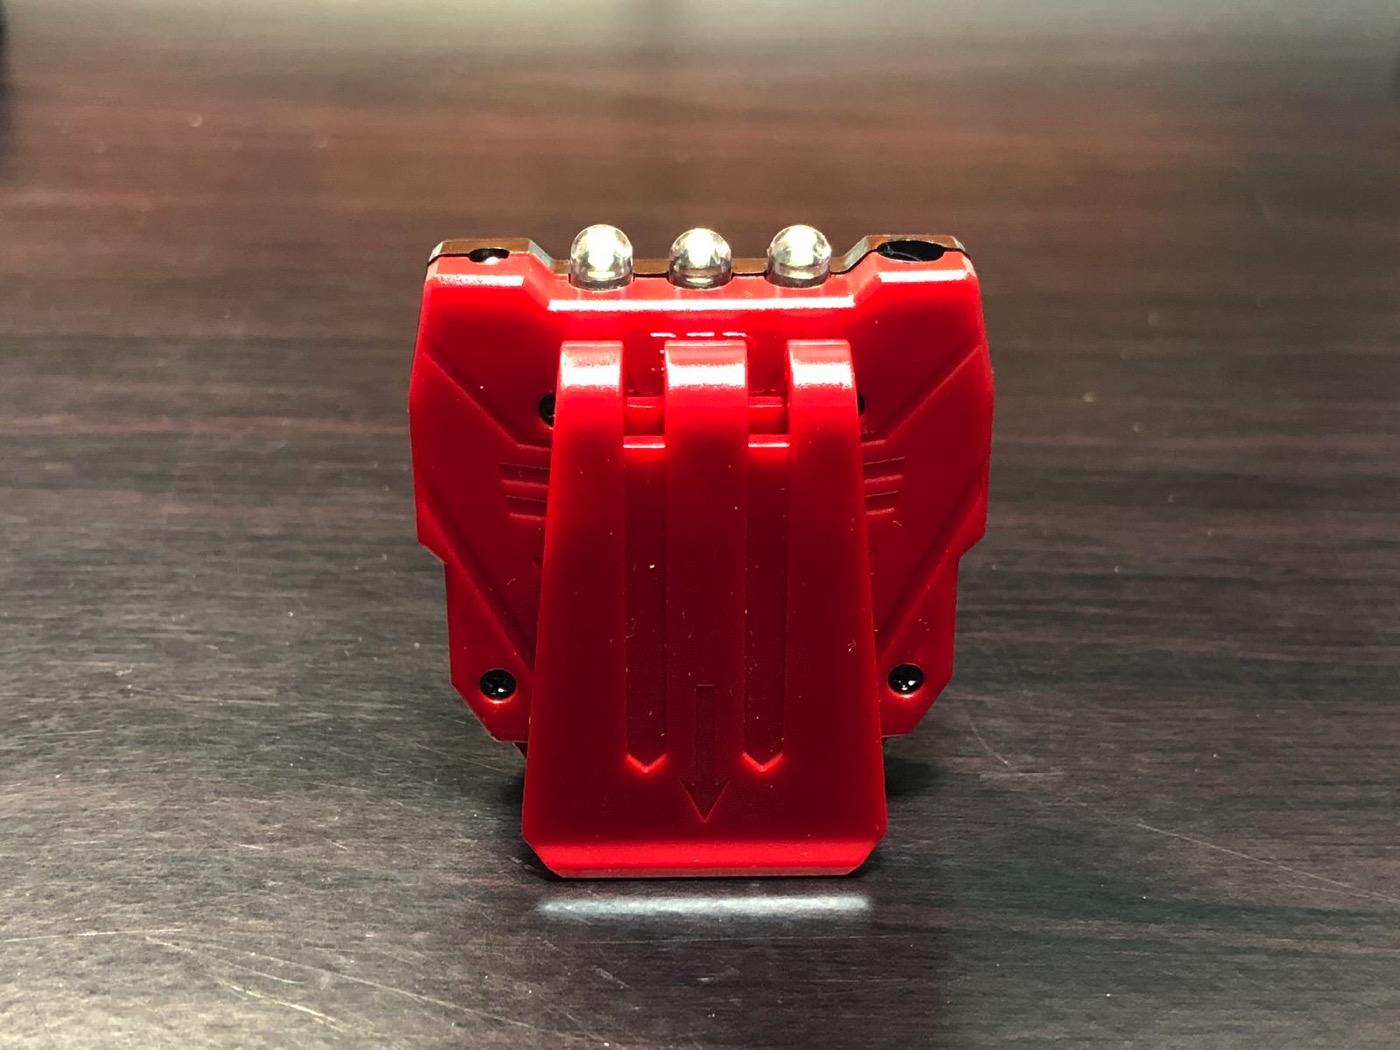 ヘッドライト 40ルーメン LEDキャップライト 帽子ライト センシング機能付 人感センサー ライト 2点灯モード 90度角度調節可能 帽子に挟んで使う-6